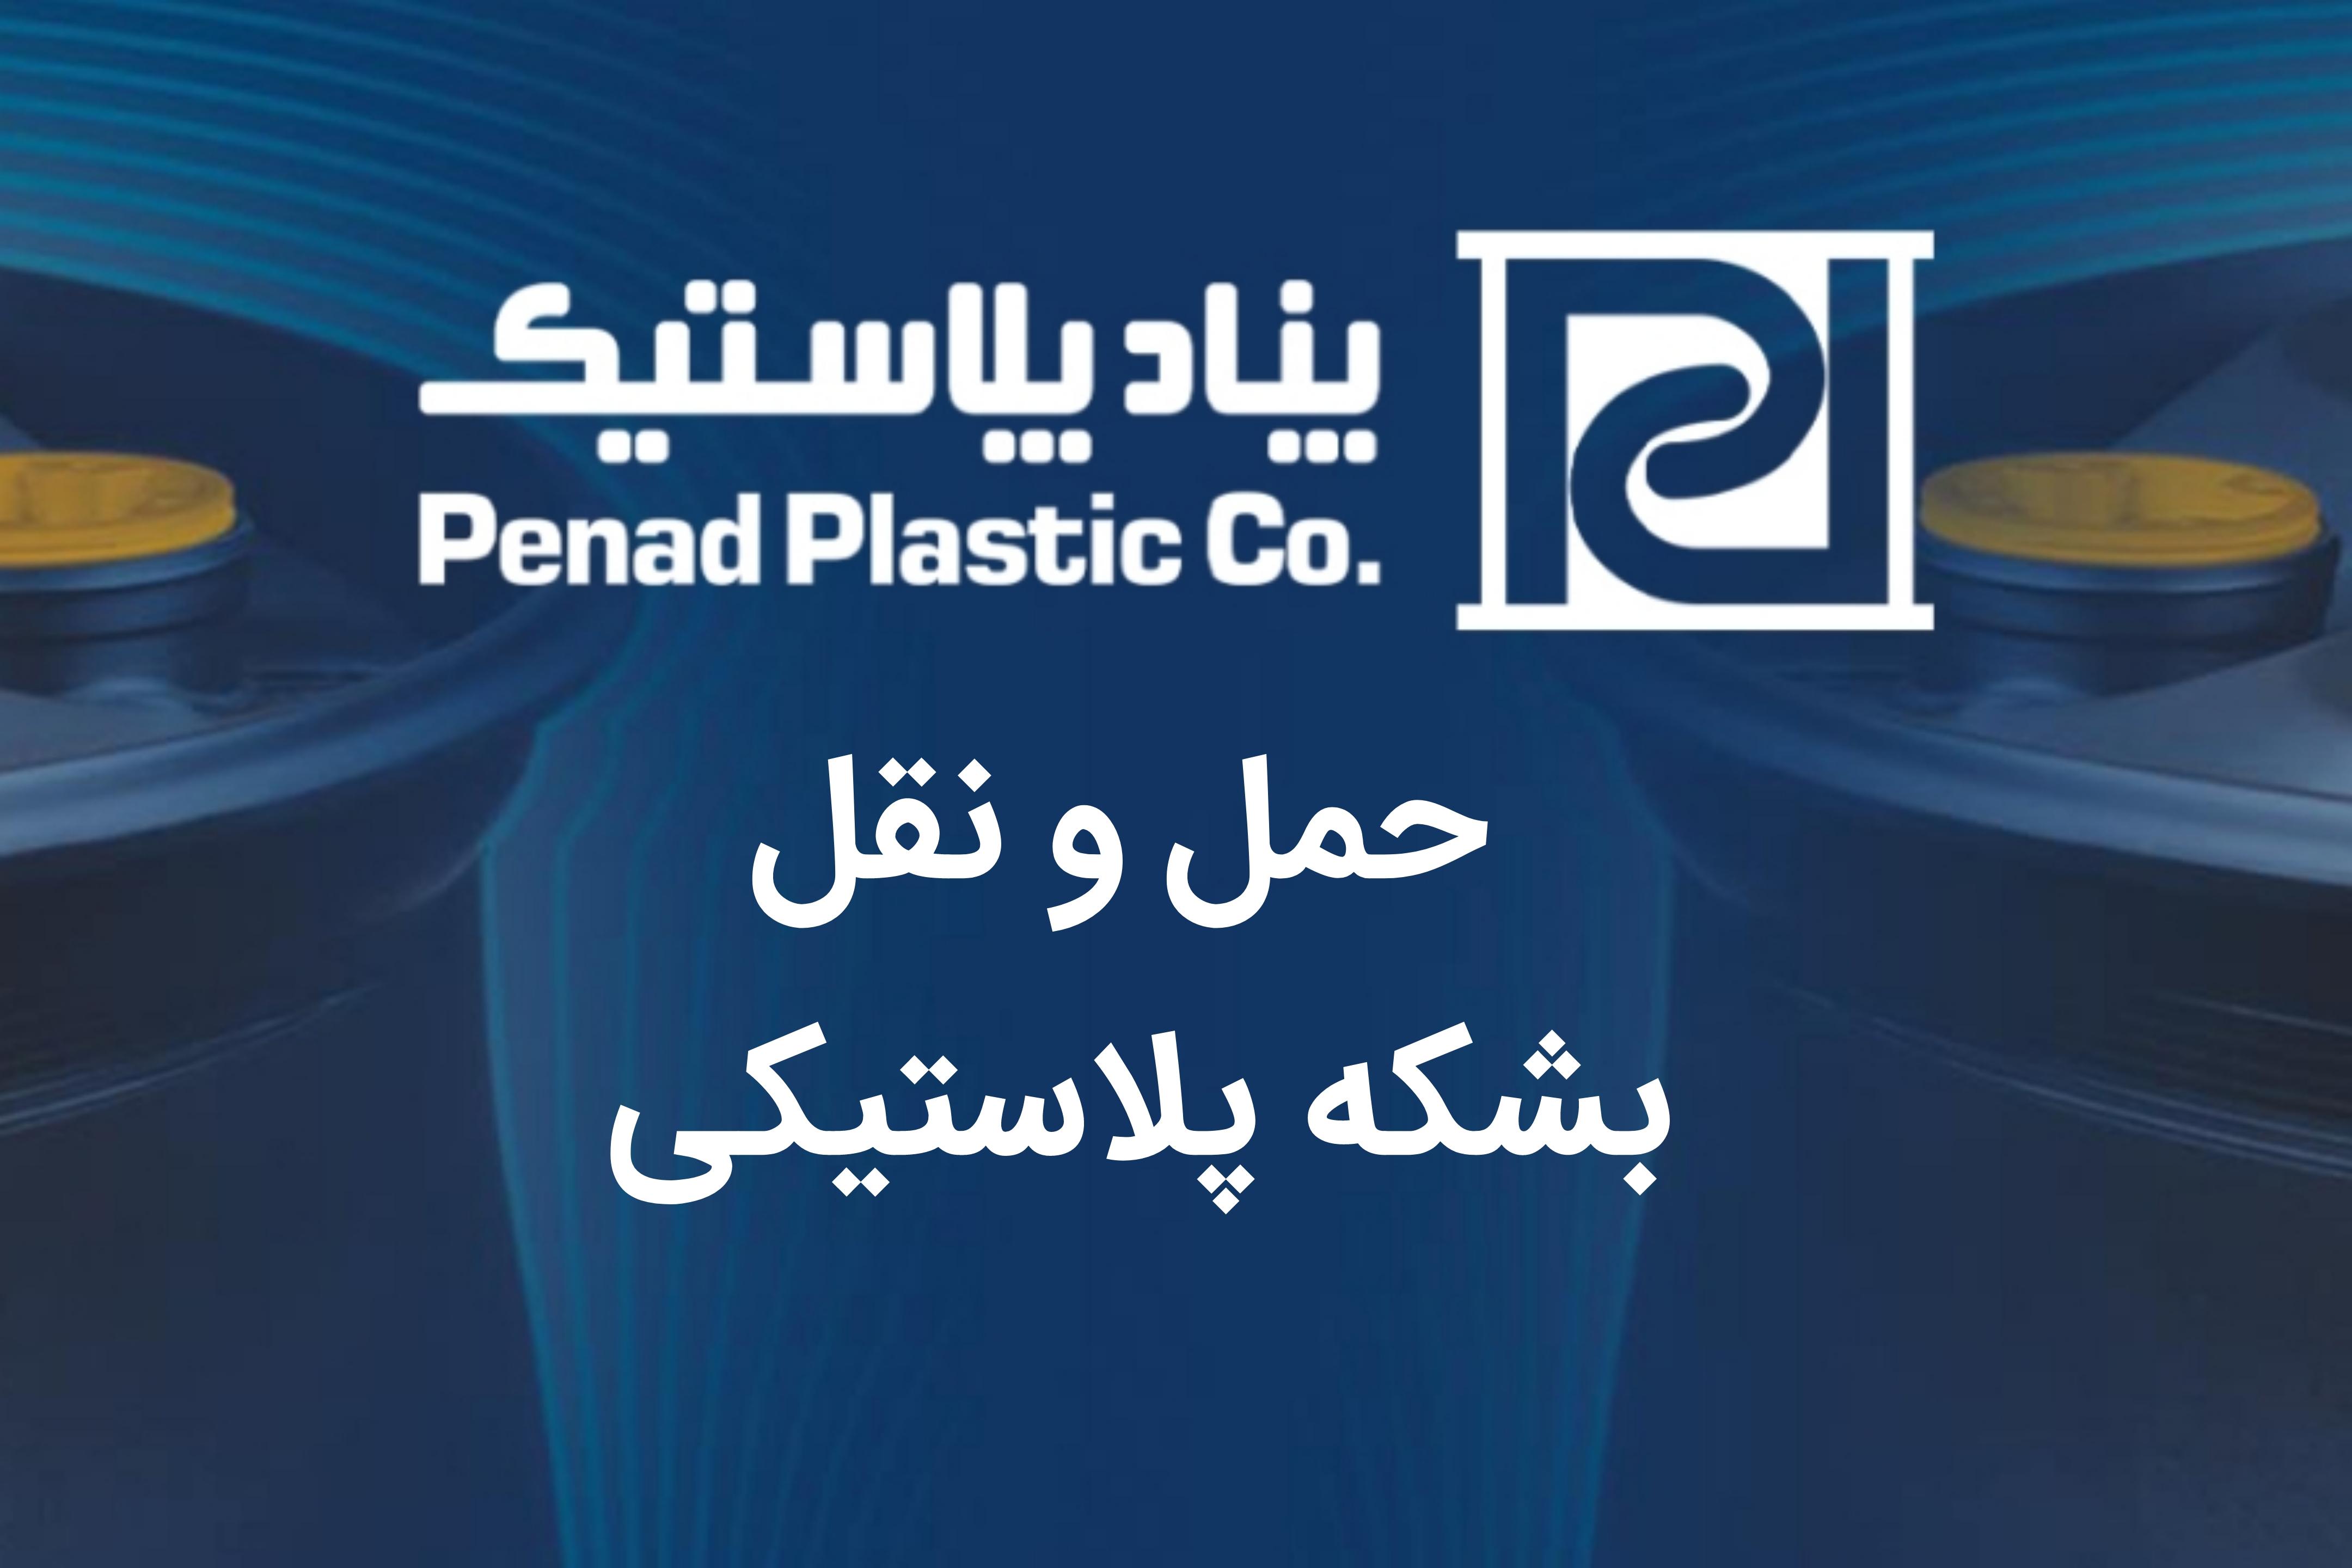 5 نکته مهم حمل و نقل بشکه های پلاستیکی